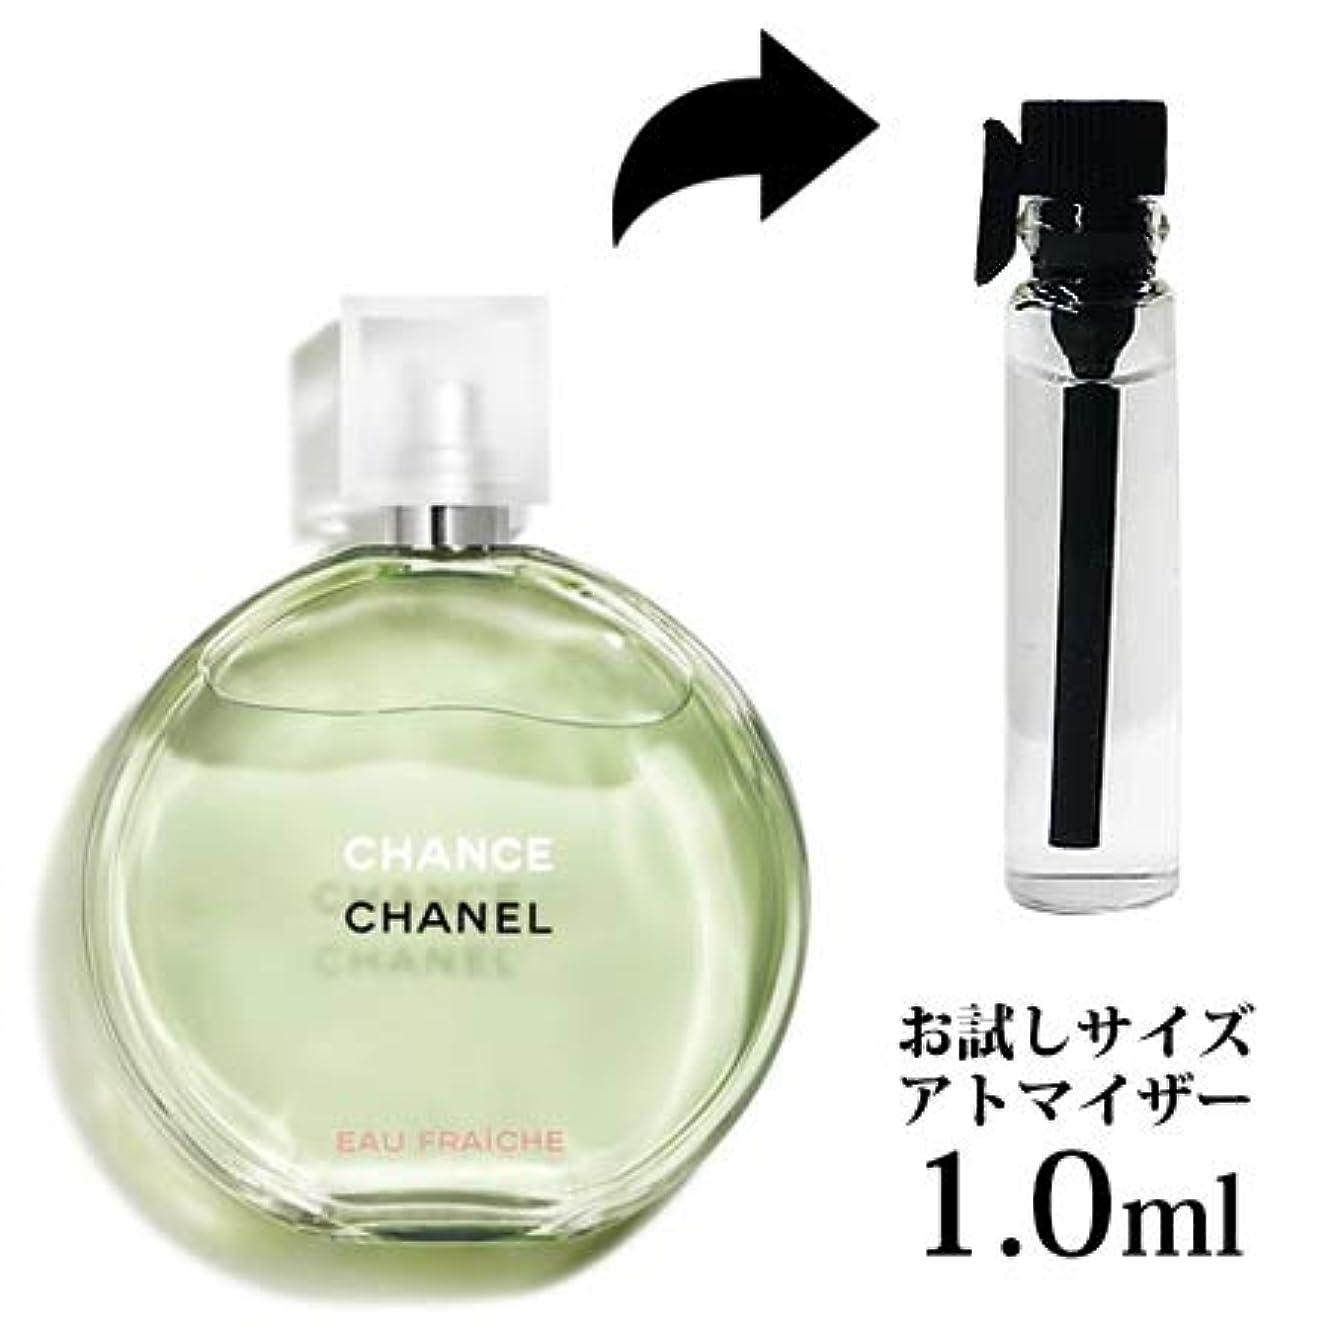 クリームグリース突っ込むシャネル チャンス オーフレッシュ オードトワレ EDT 1ml -CHANEL- 【並行輸入品】